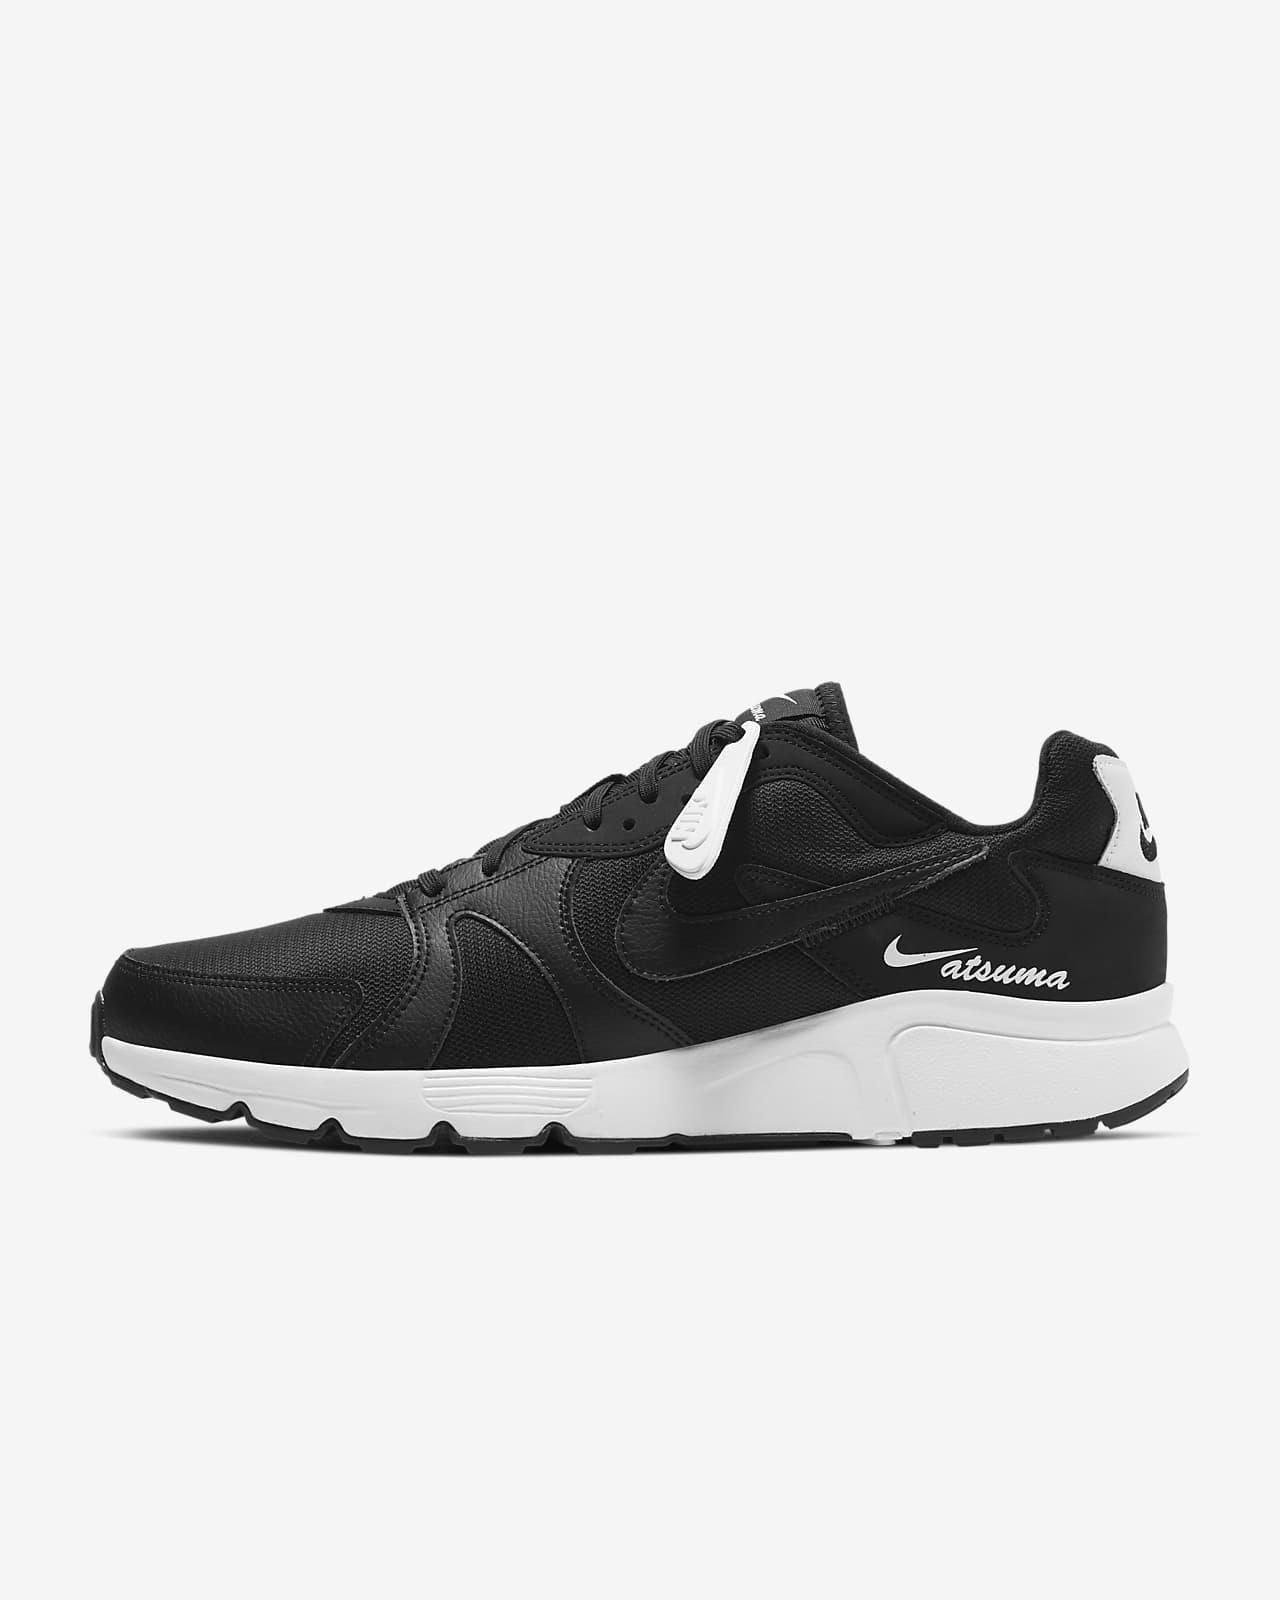 Nike Atsuma 男子运动鞋